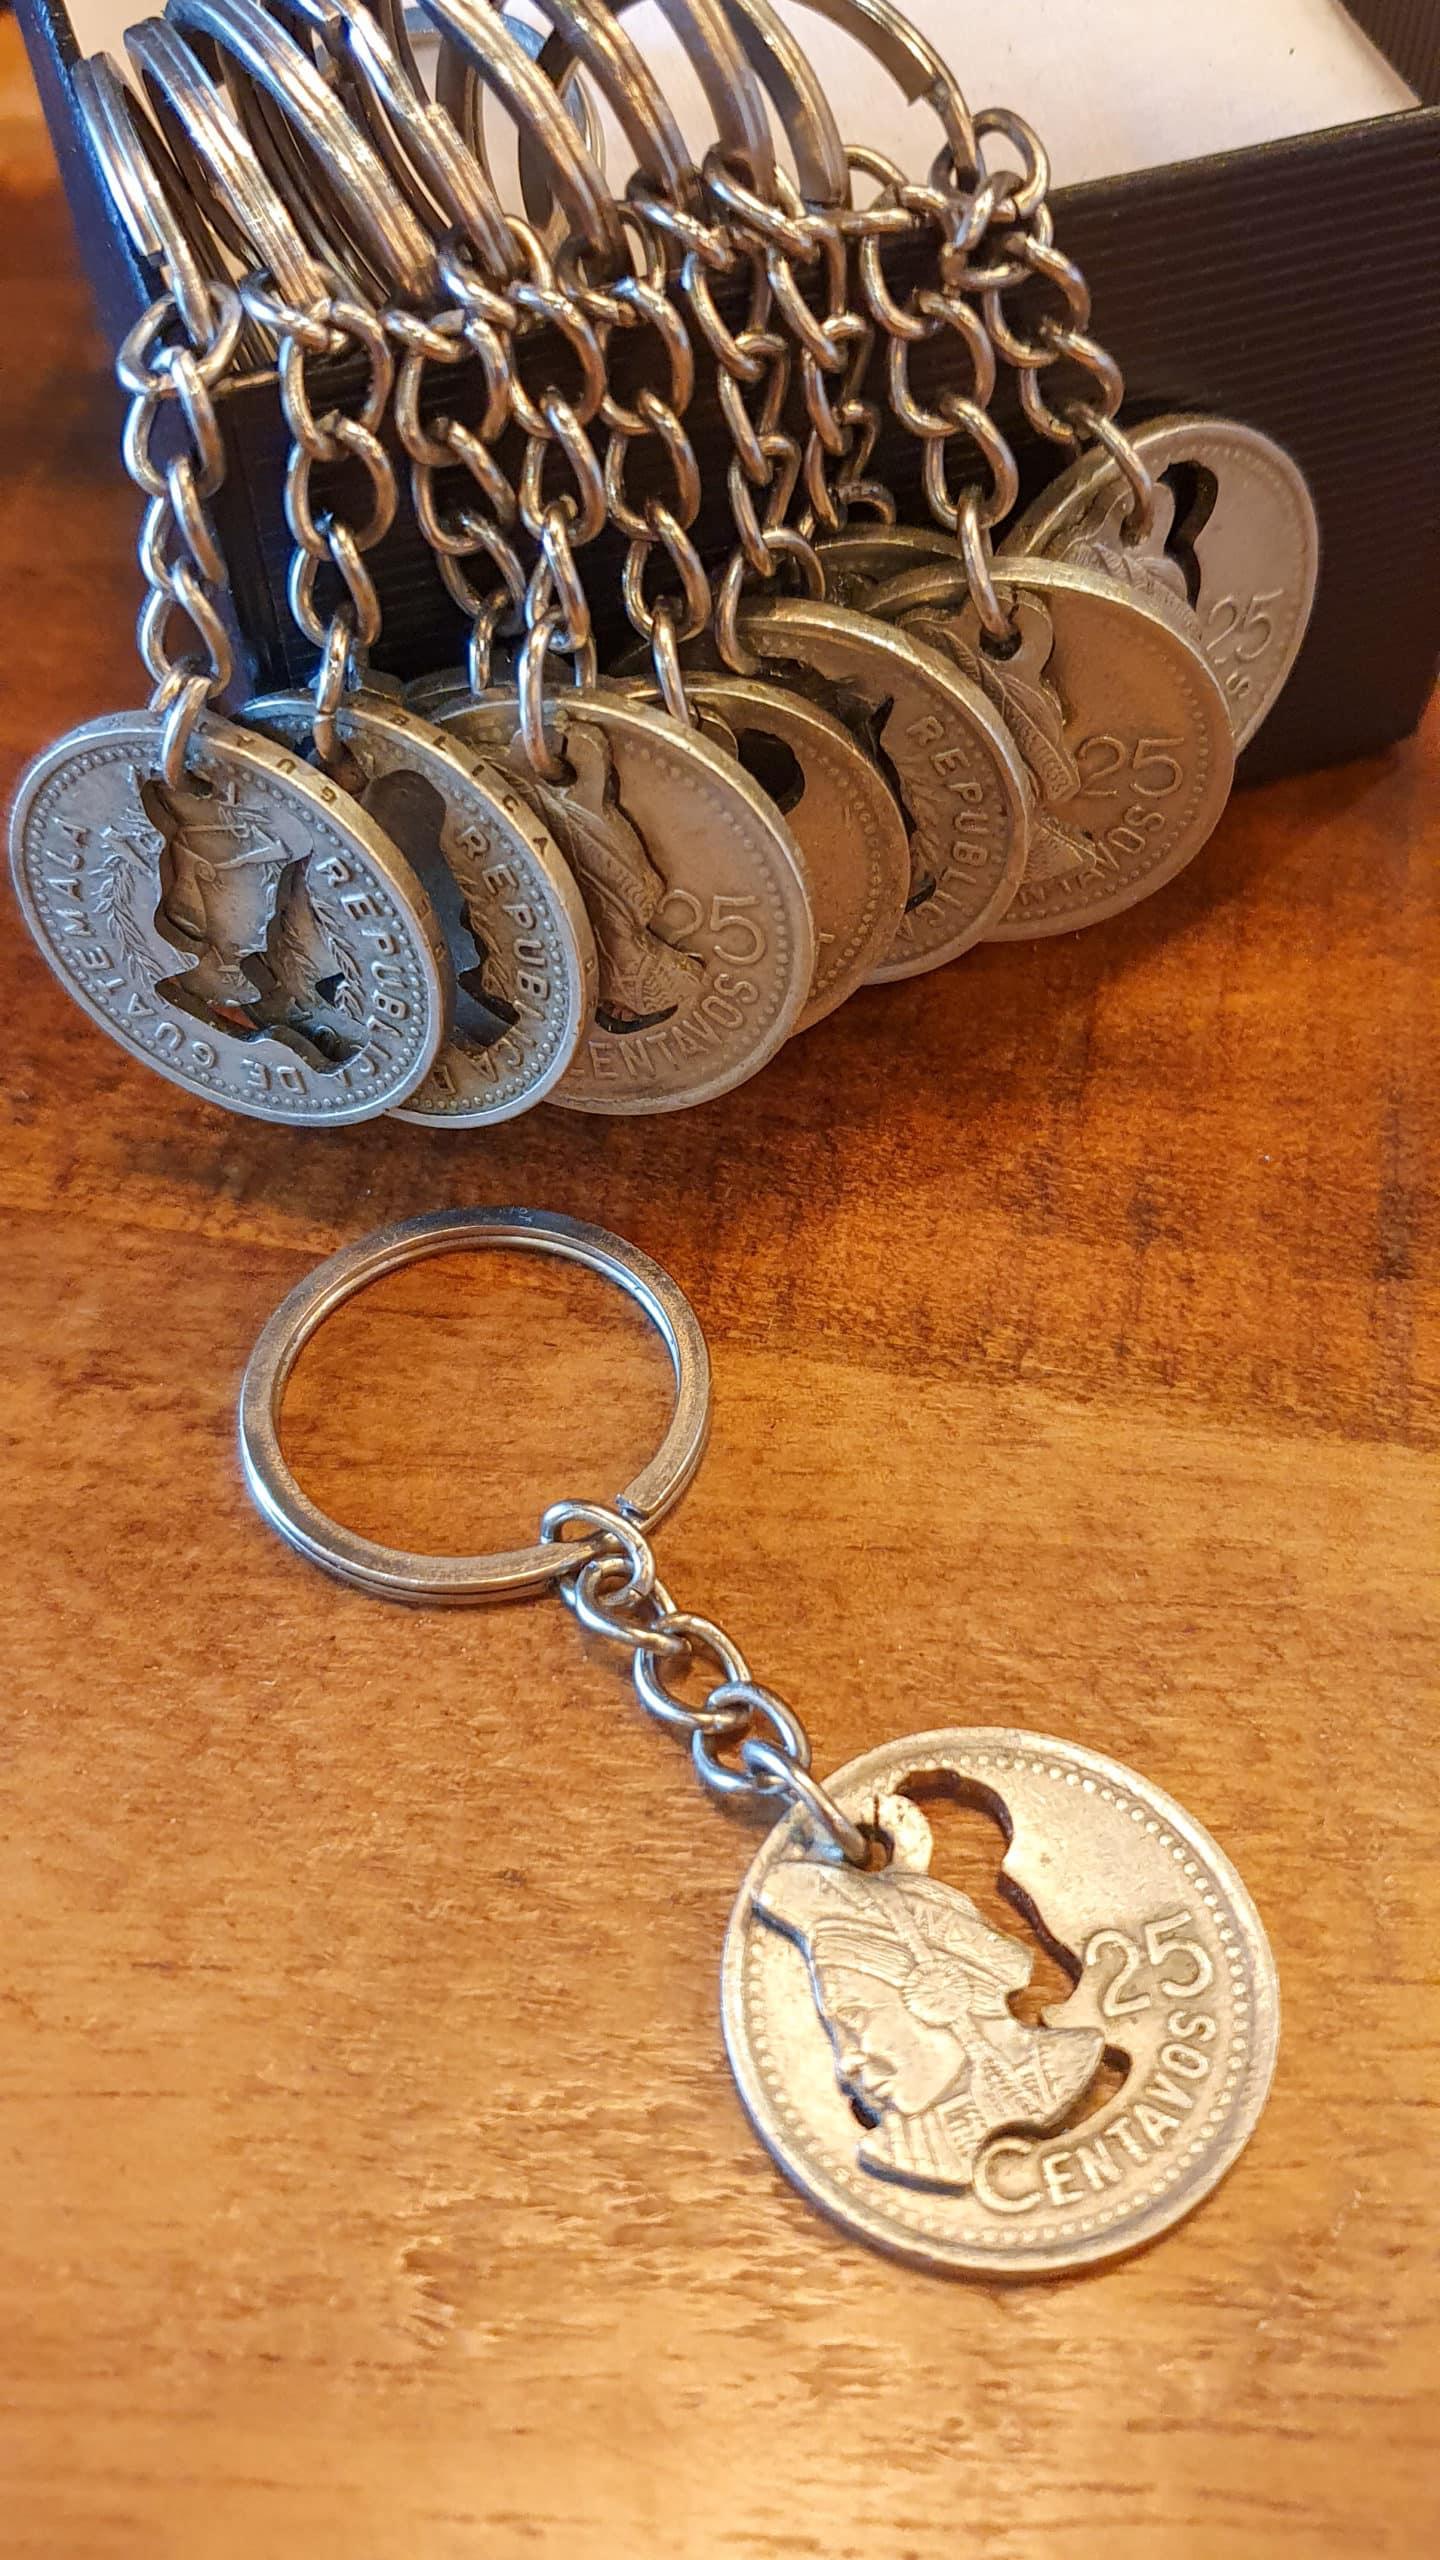 25 Centavo Keychain by Waldo's Watch   Inspire Me Latin America